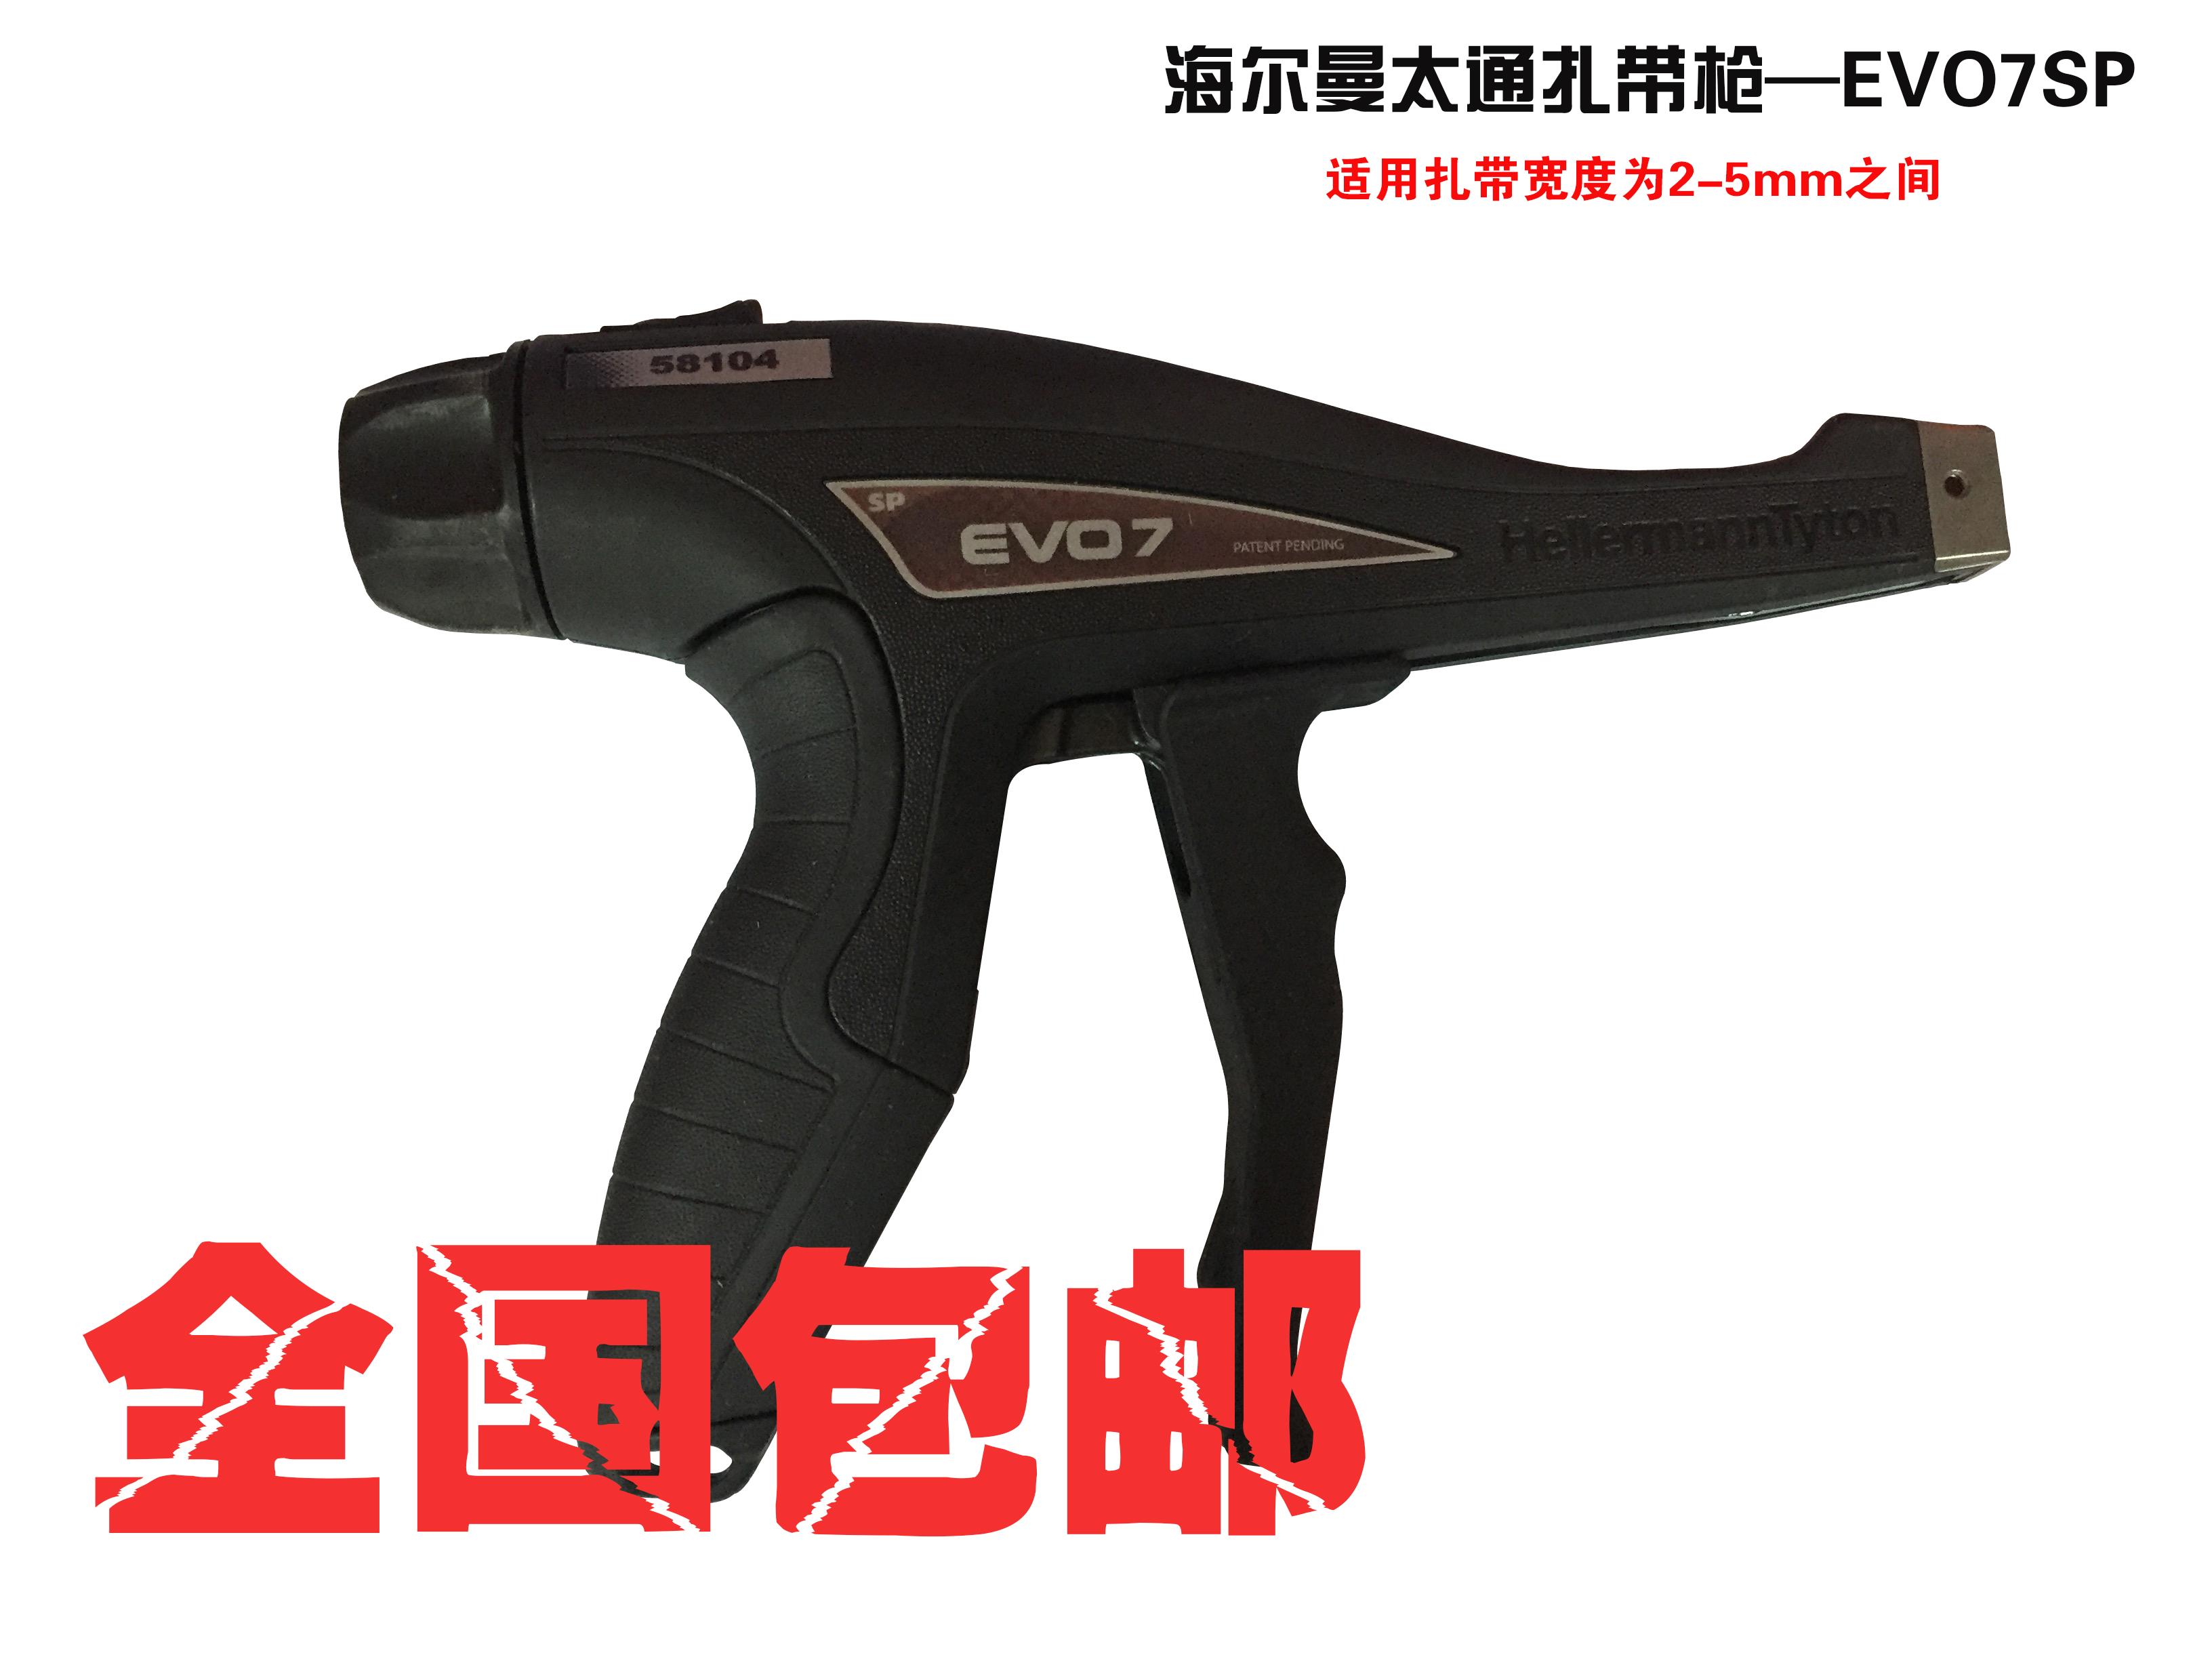 Hellermanntyton haier человек слишком через EVO7 связи пистолет быстро пакет наконечник инструмент плотно нить пакет линия пистолет